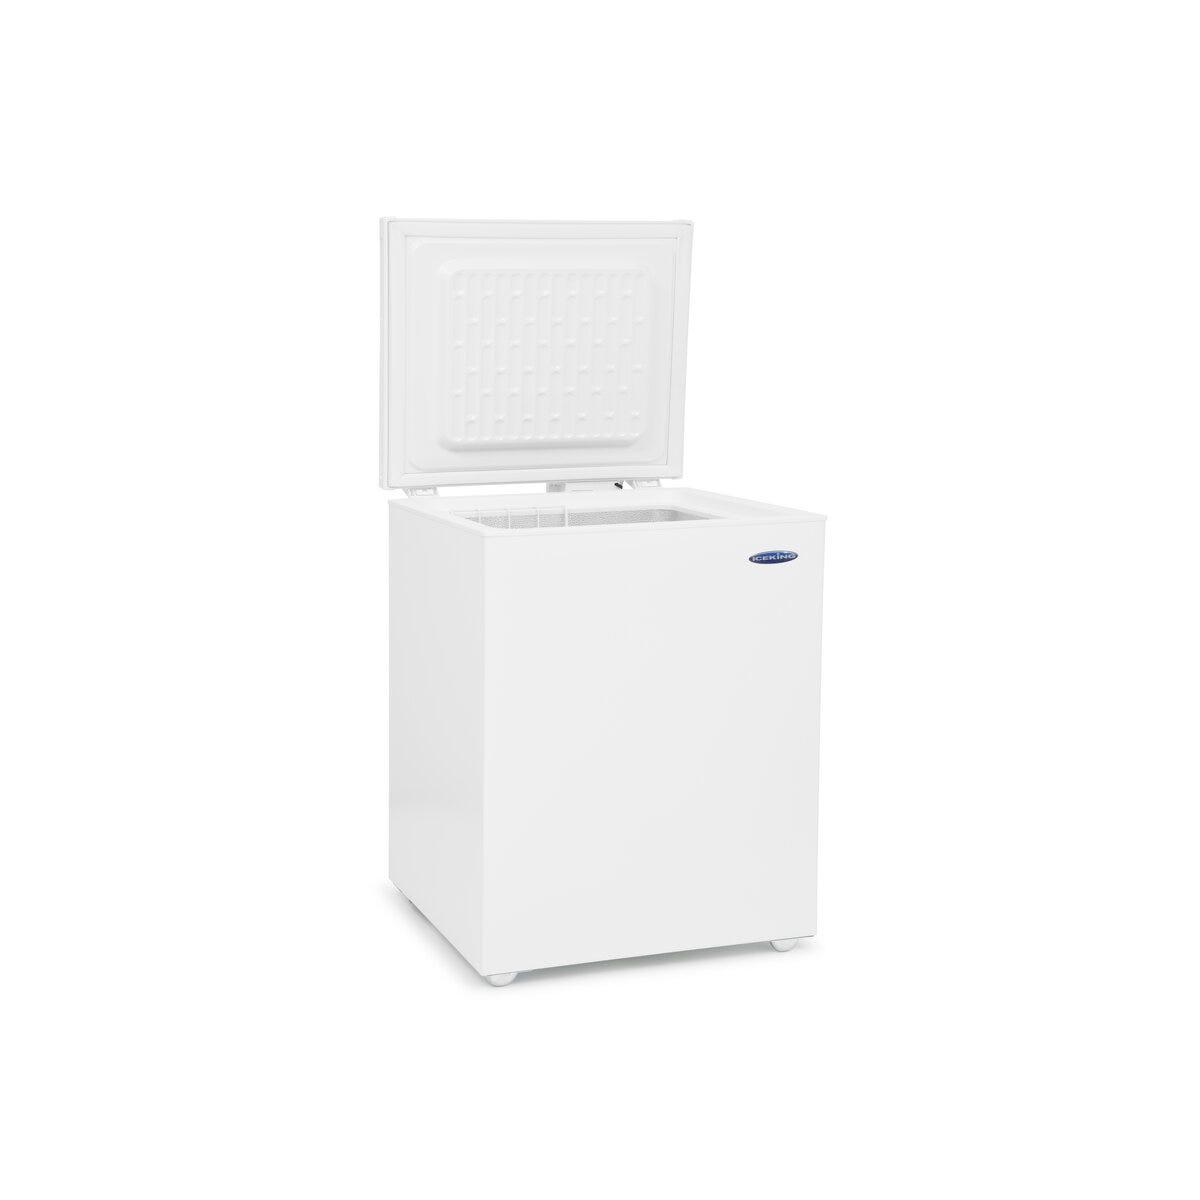 IceKing CF97W.E 97 Litre Chest Freezer - White